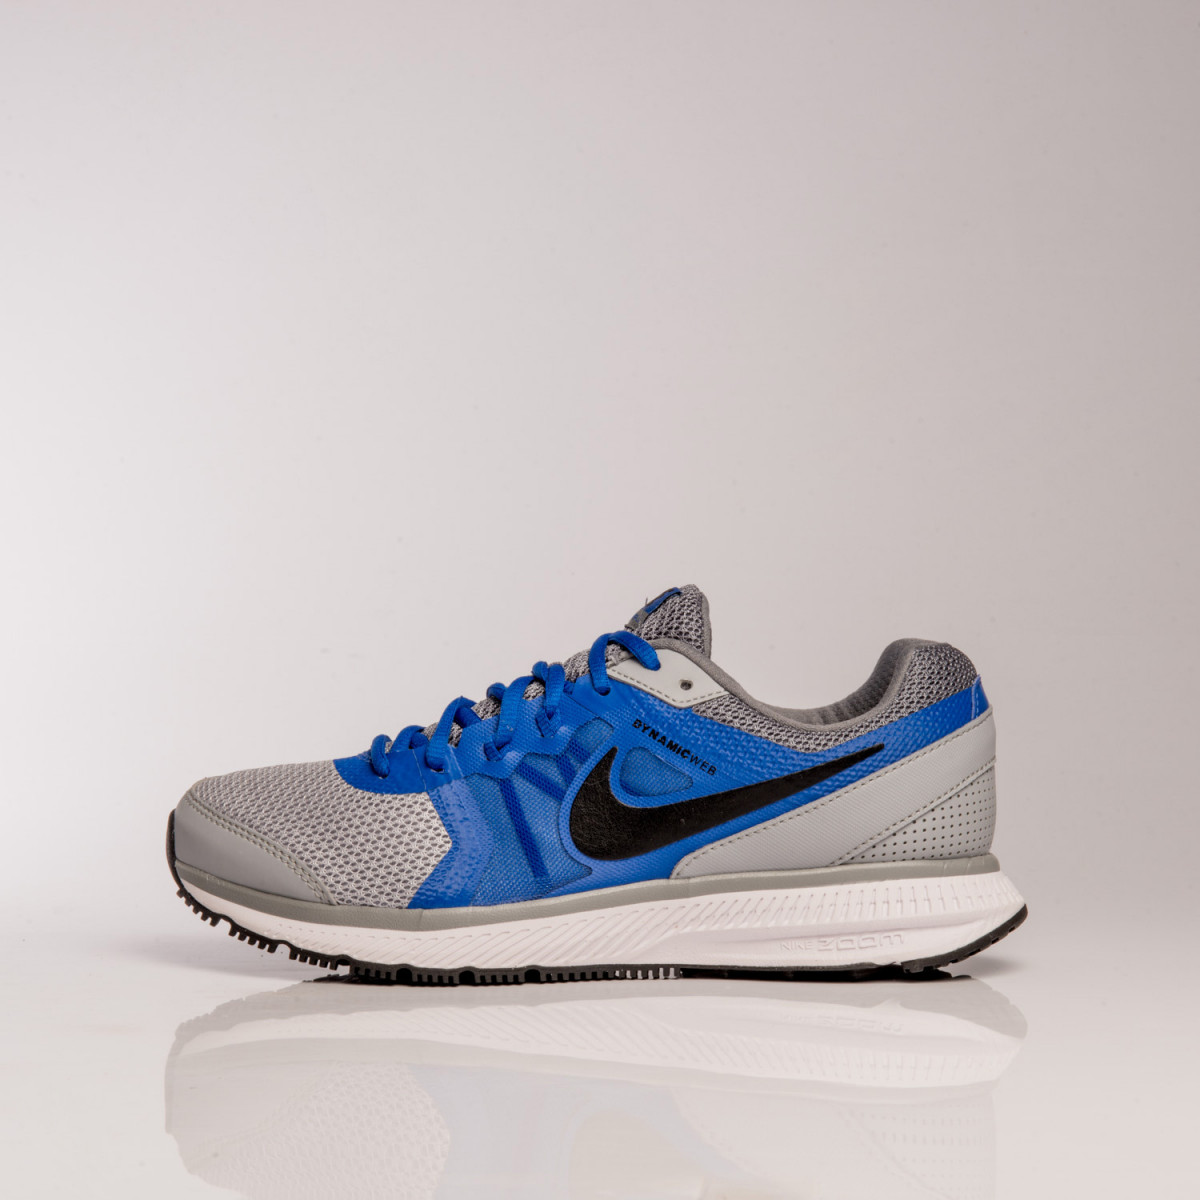 Zapatillas Nike Zoom Winflo Msl Wolf